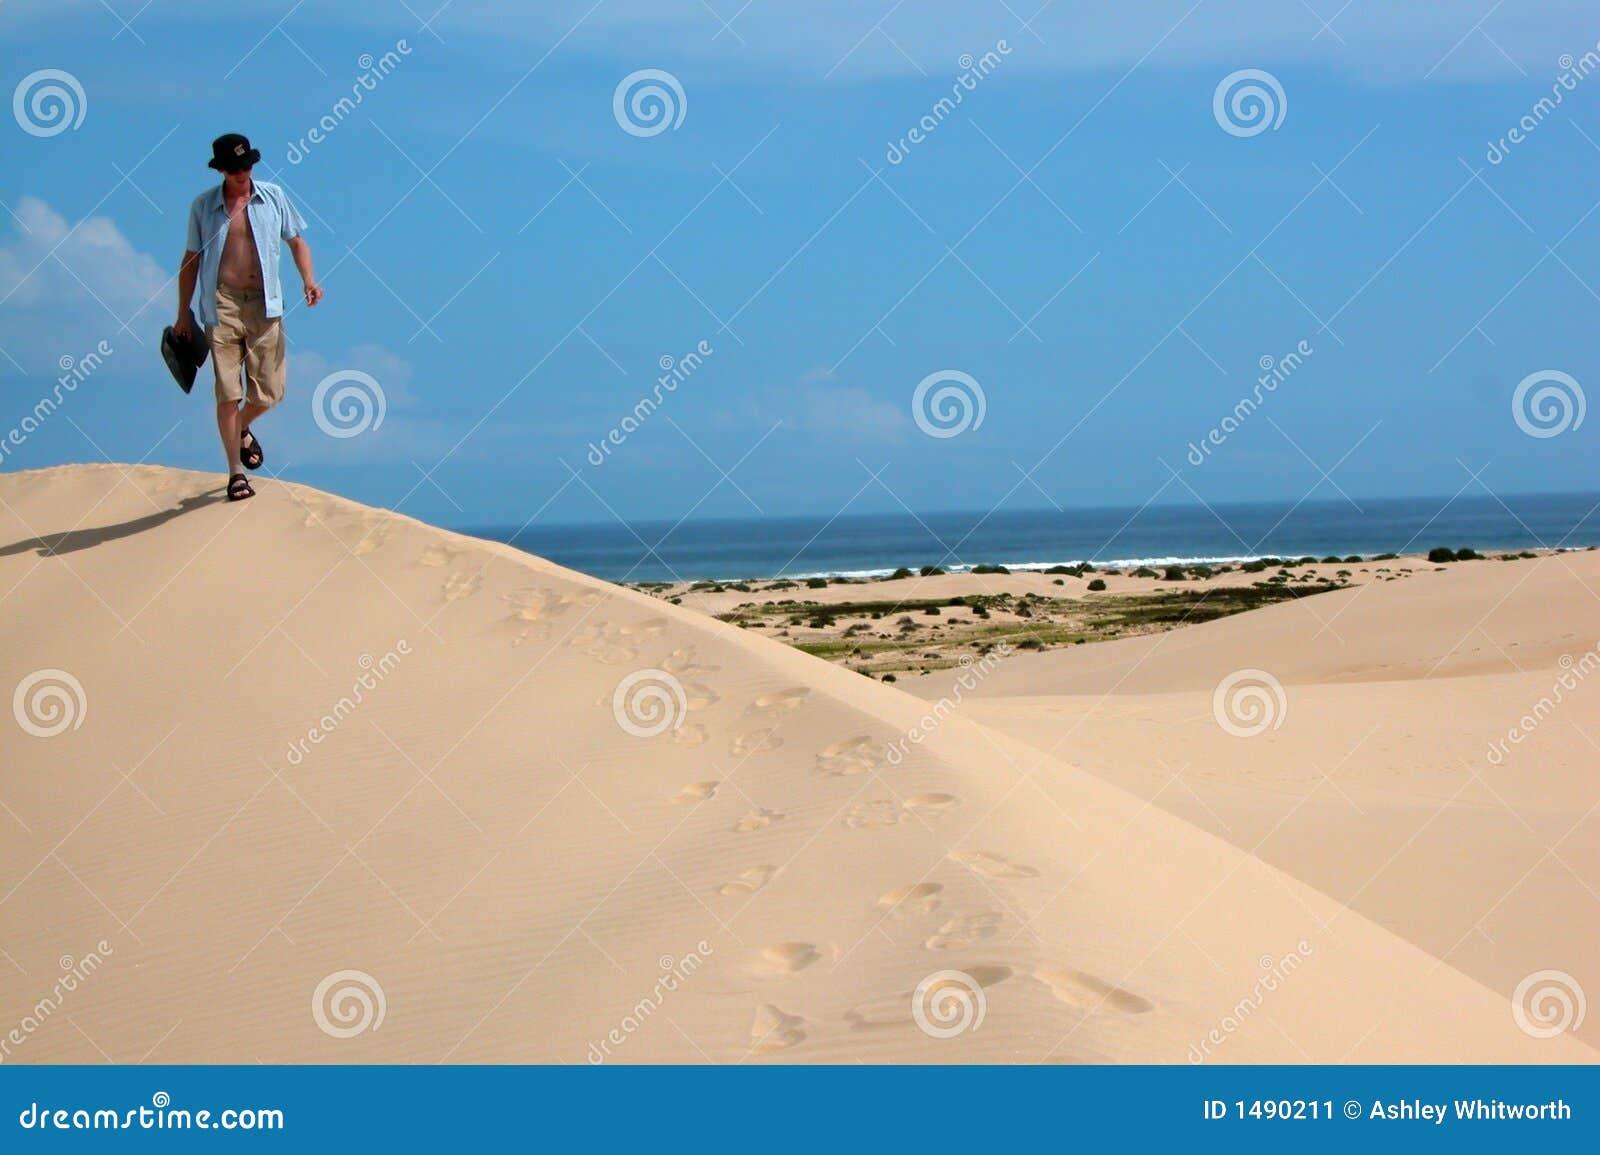 över dyner sand att gå